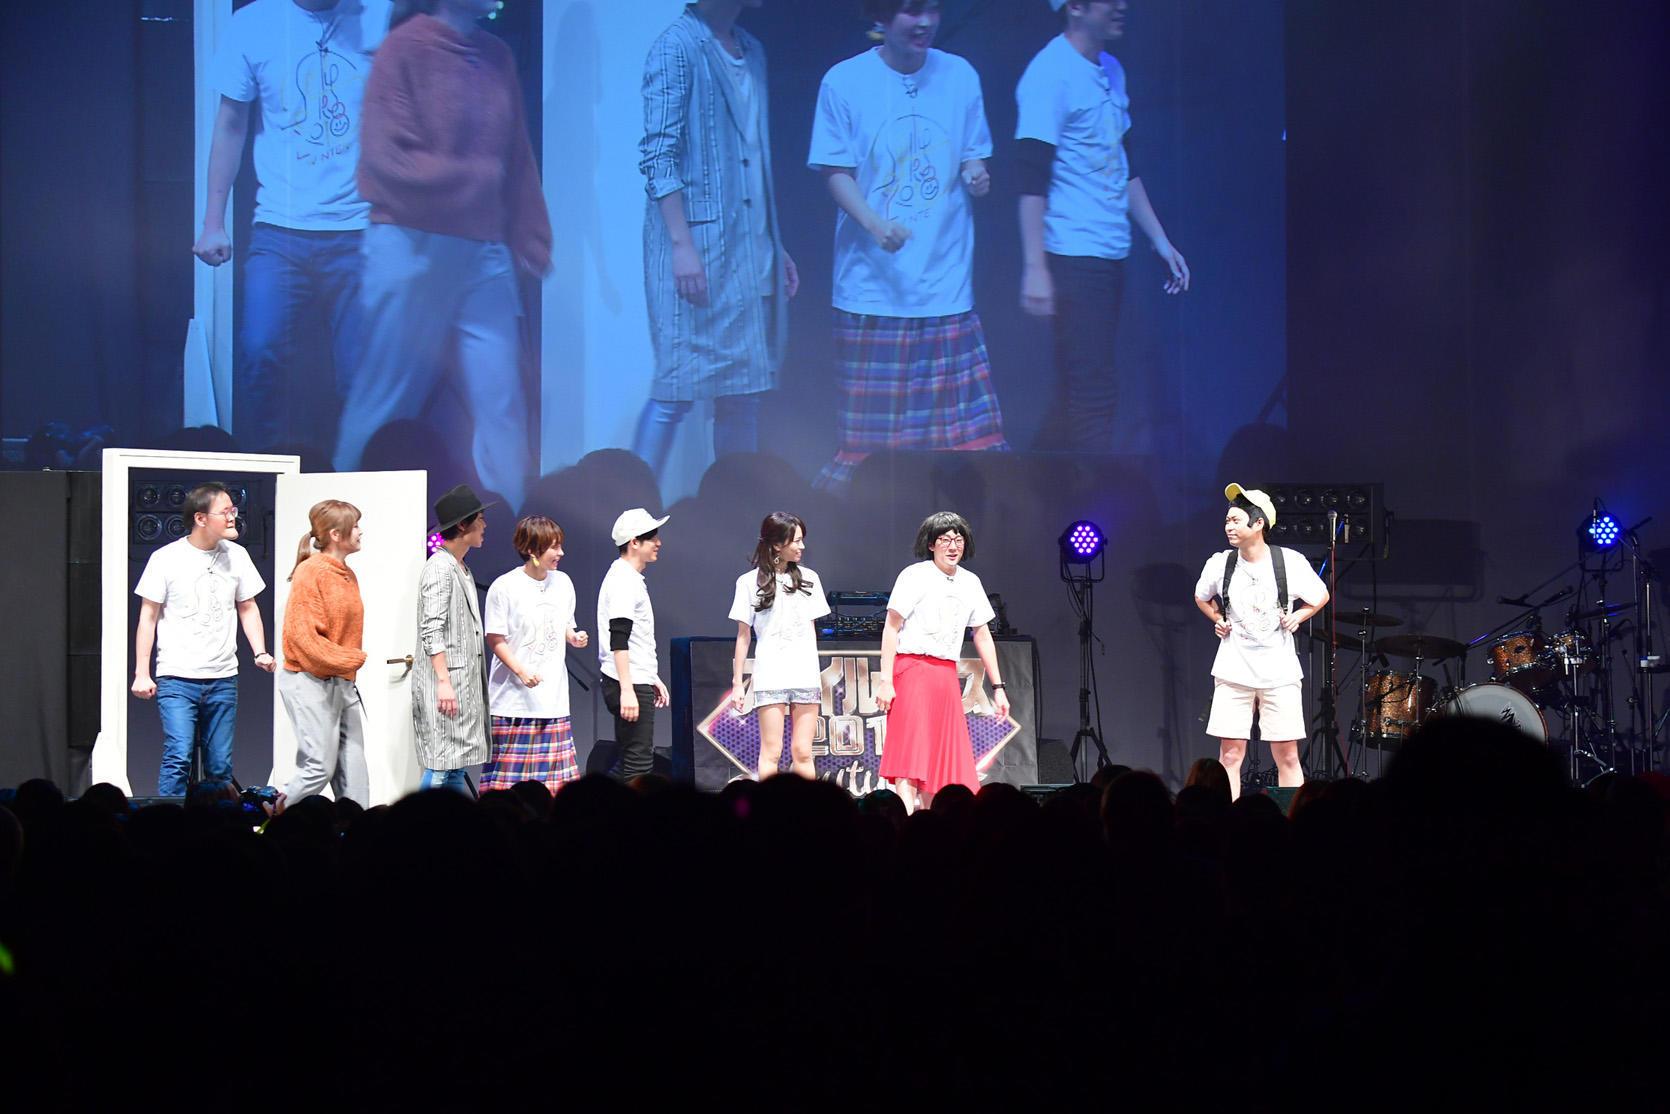 http://news.yoshimoto.co.jp/20181201025413-14bd02e278201d7b6a03556324cb2956f0f6eea5.jpg